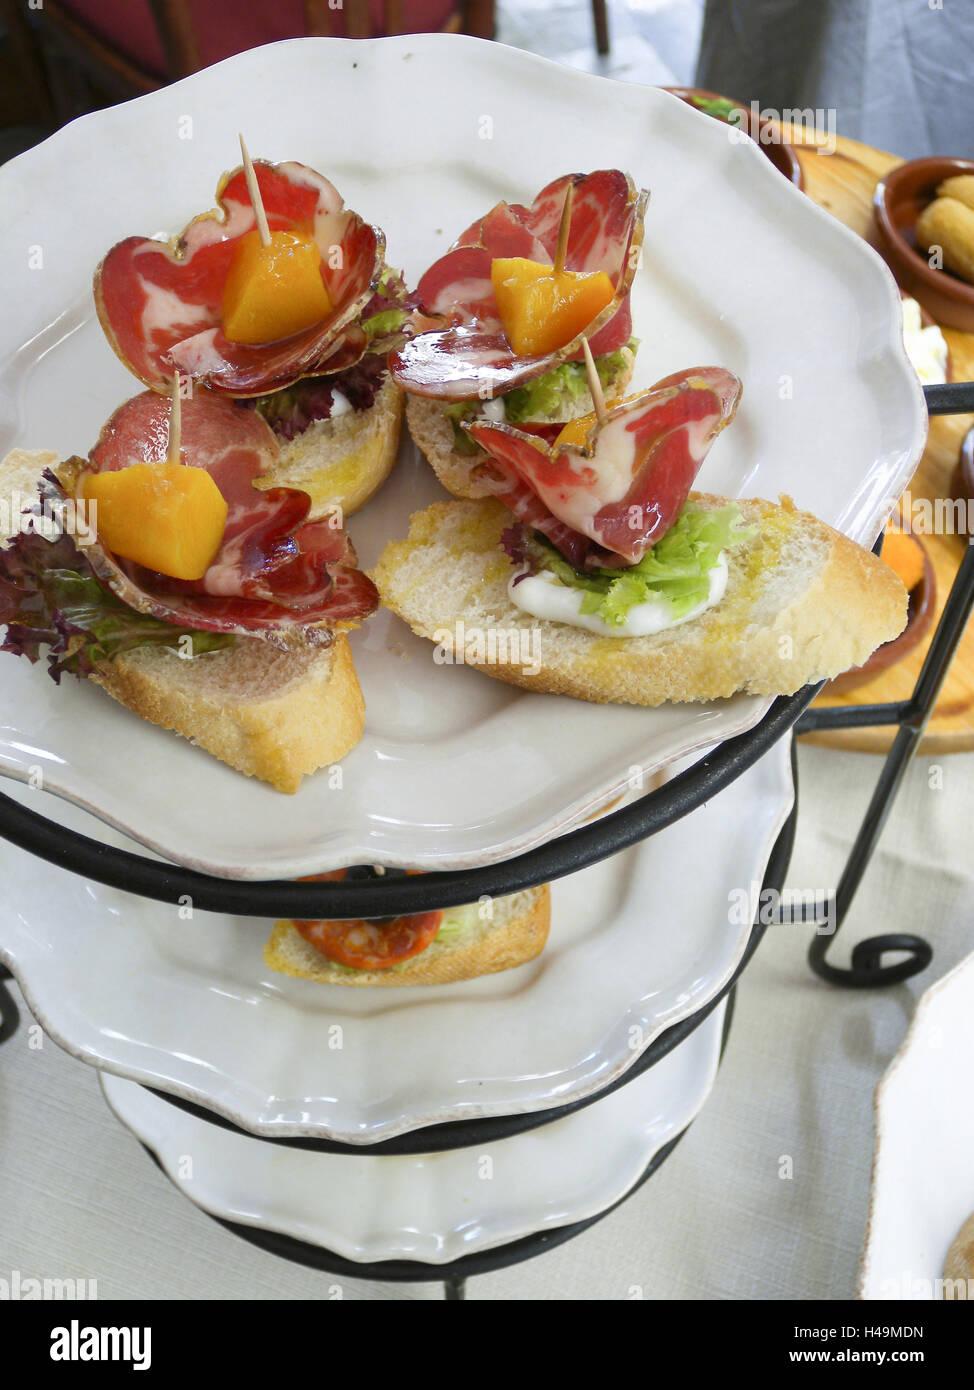 Etagere con tapas, aperitivos, comida, Mallorca, España Imagen De Stock